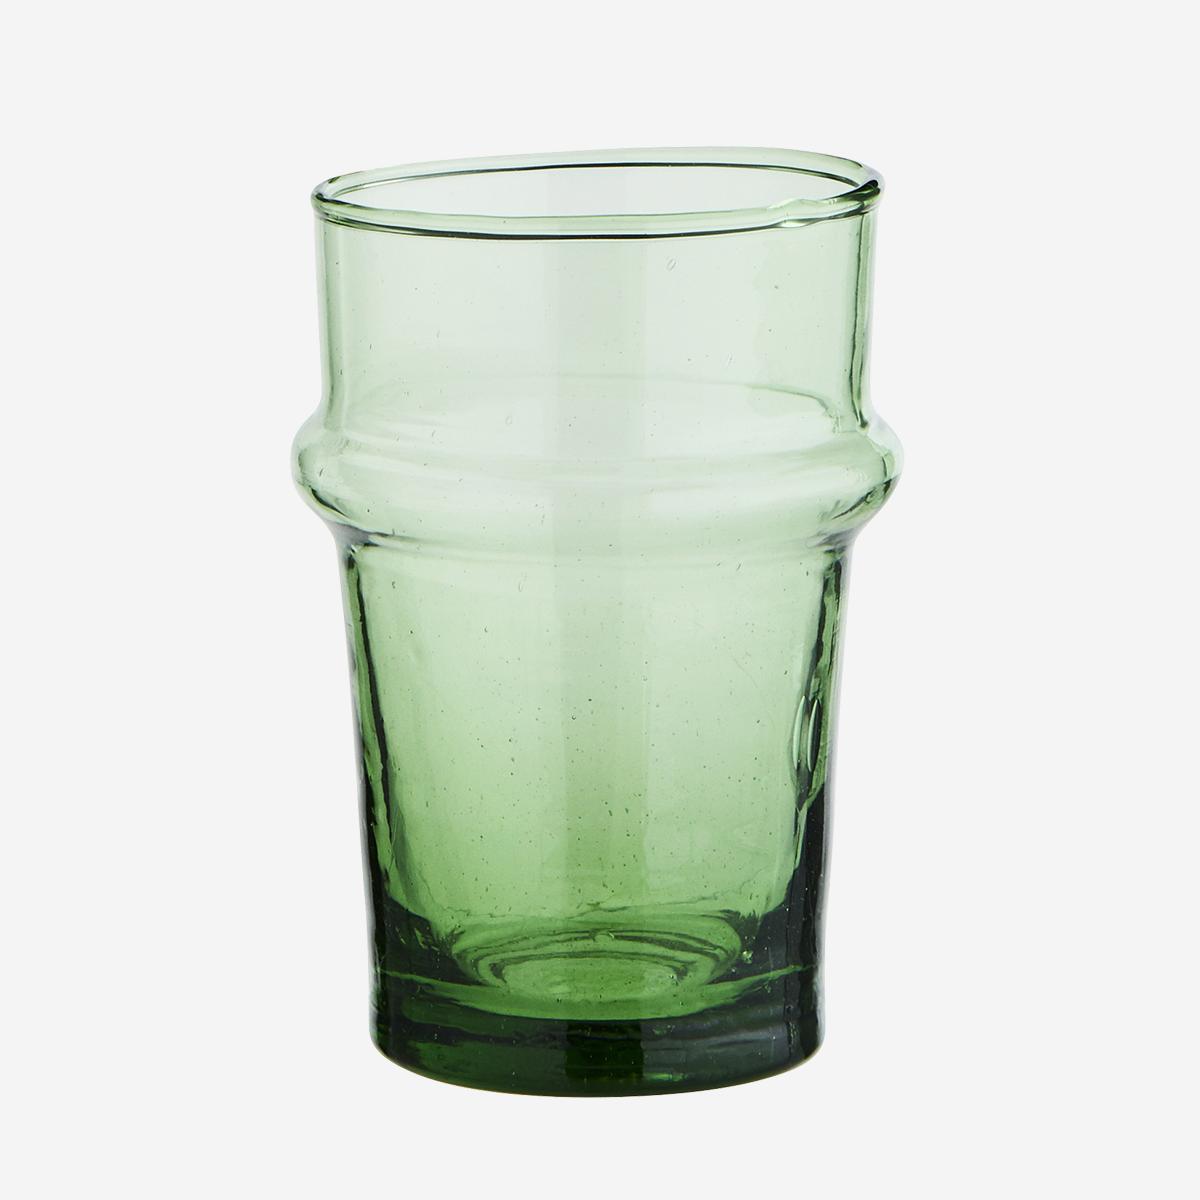 Verre Beldi moyen vert (verre recyclé) * Madam Stoltz